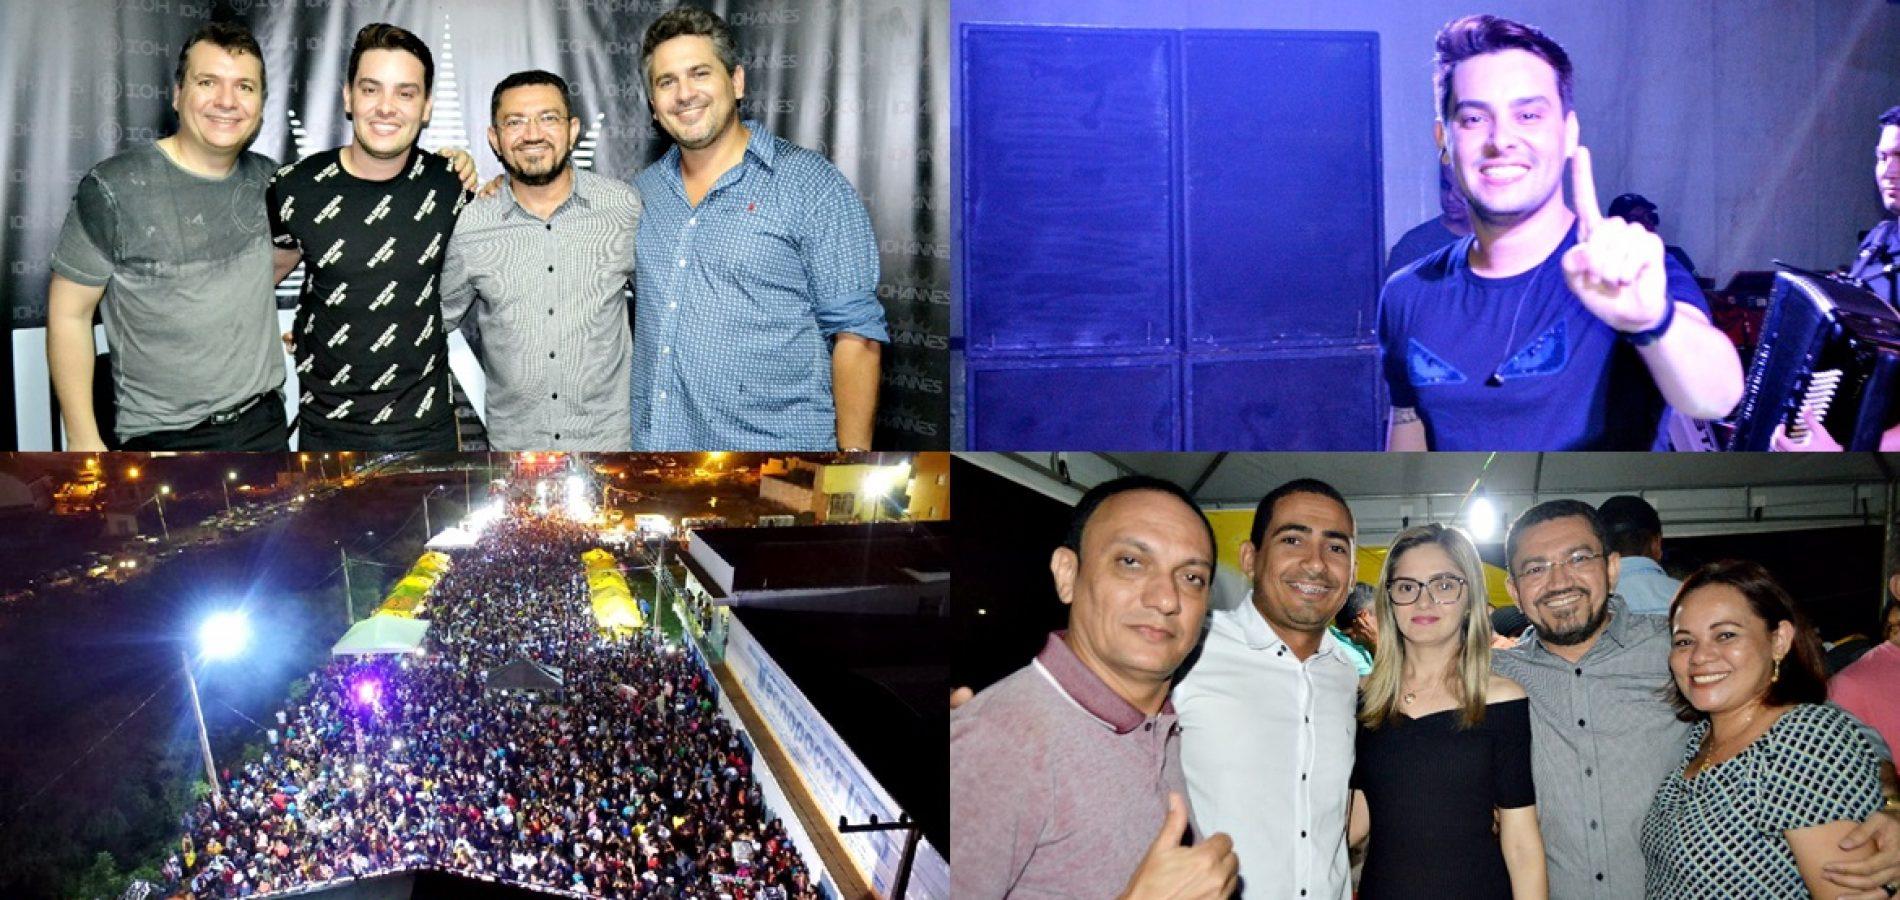 Shows com Eric Land, Iohannes e Dallyson Monteiro atraem multidão ao aniversário de 128 anos de Picos; fotos